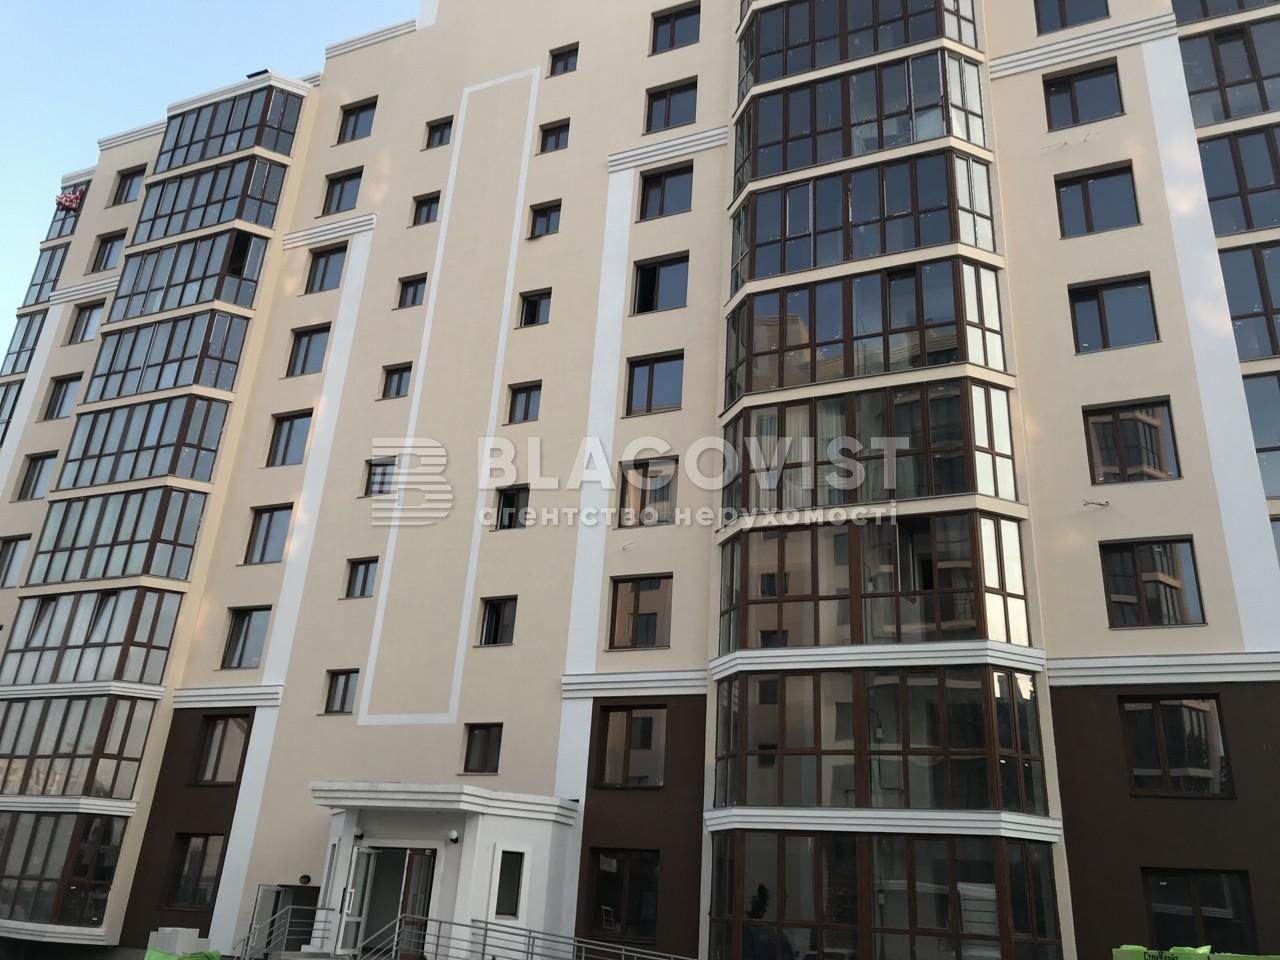 Квартира C-108199, Одесская, 66, Крюковщина - Фото 1